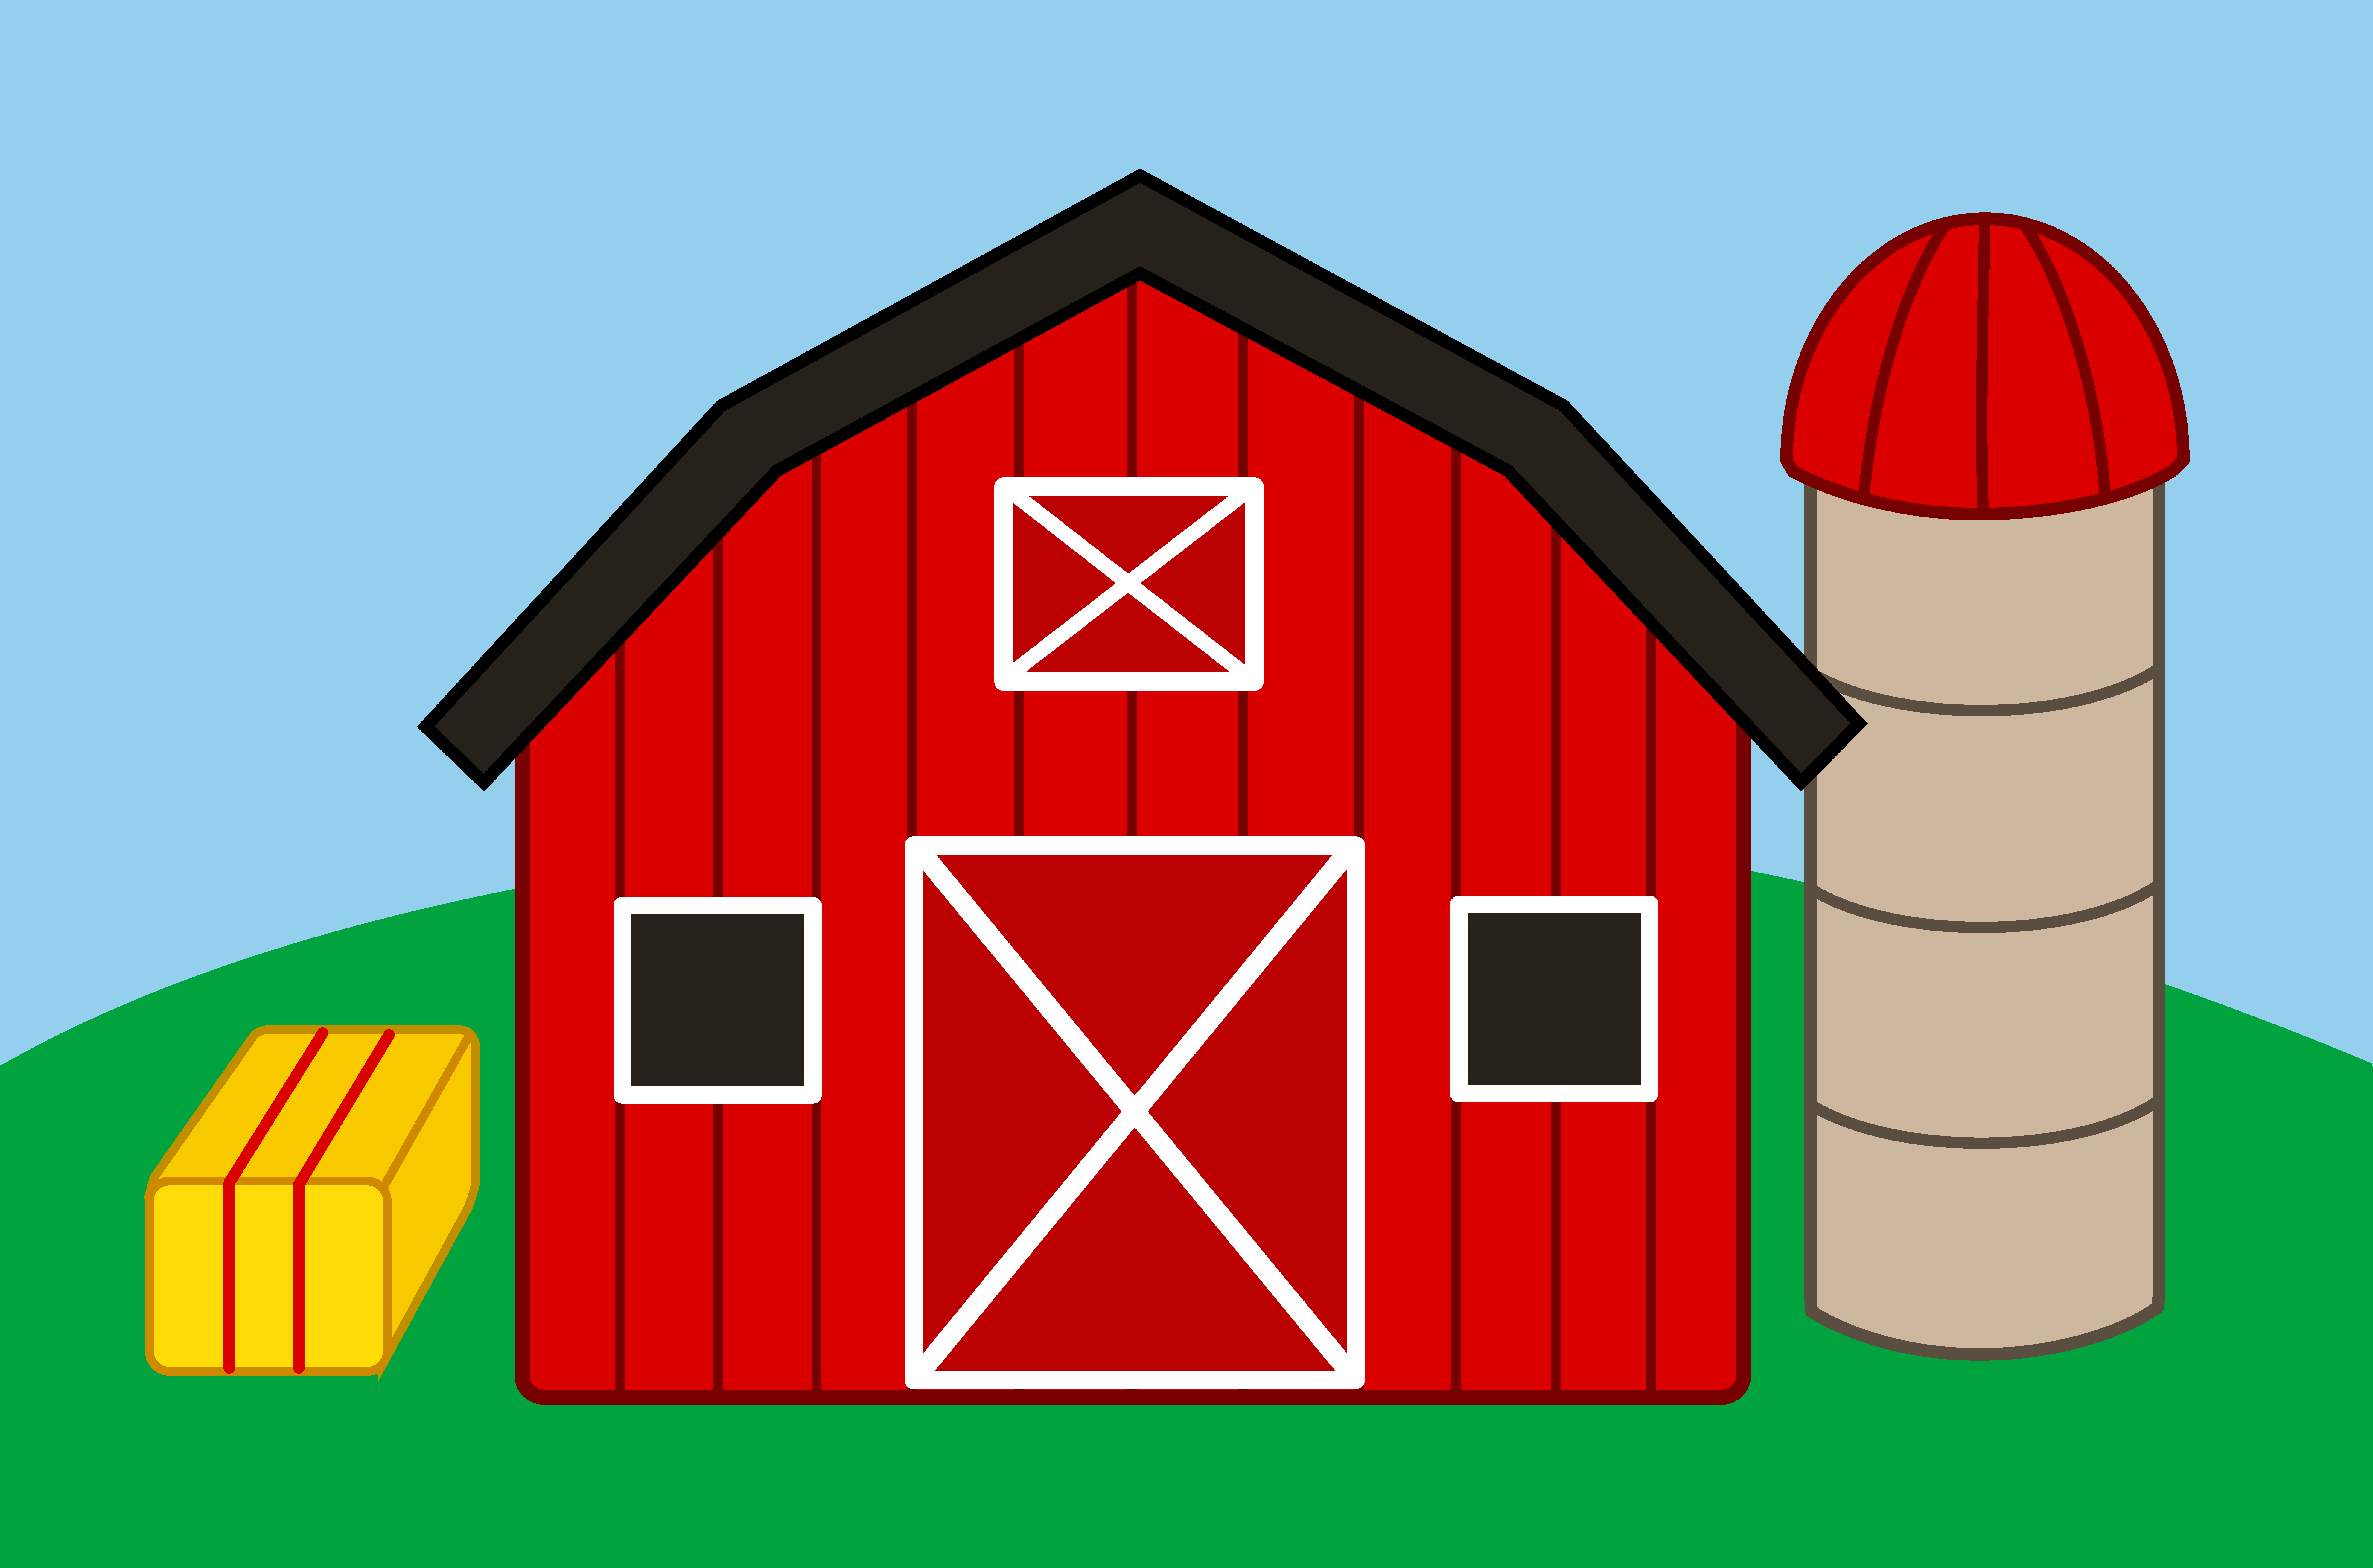 7933x5242 Cute Farm With Barn And Silo